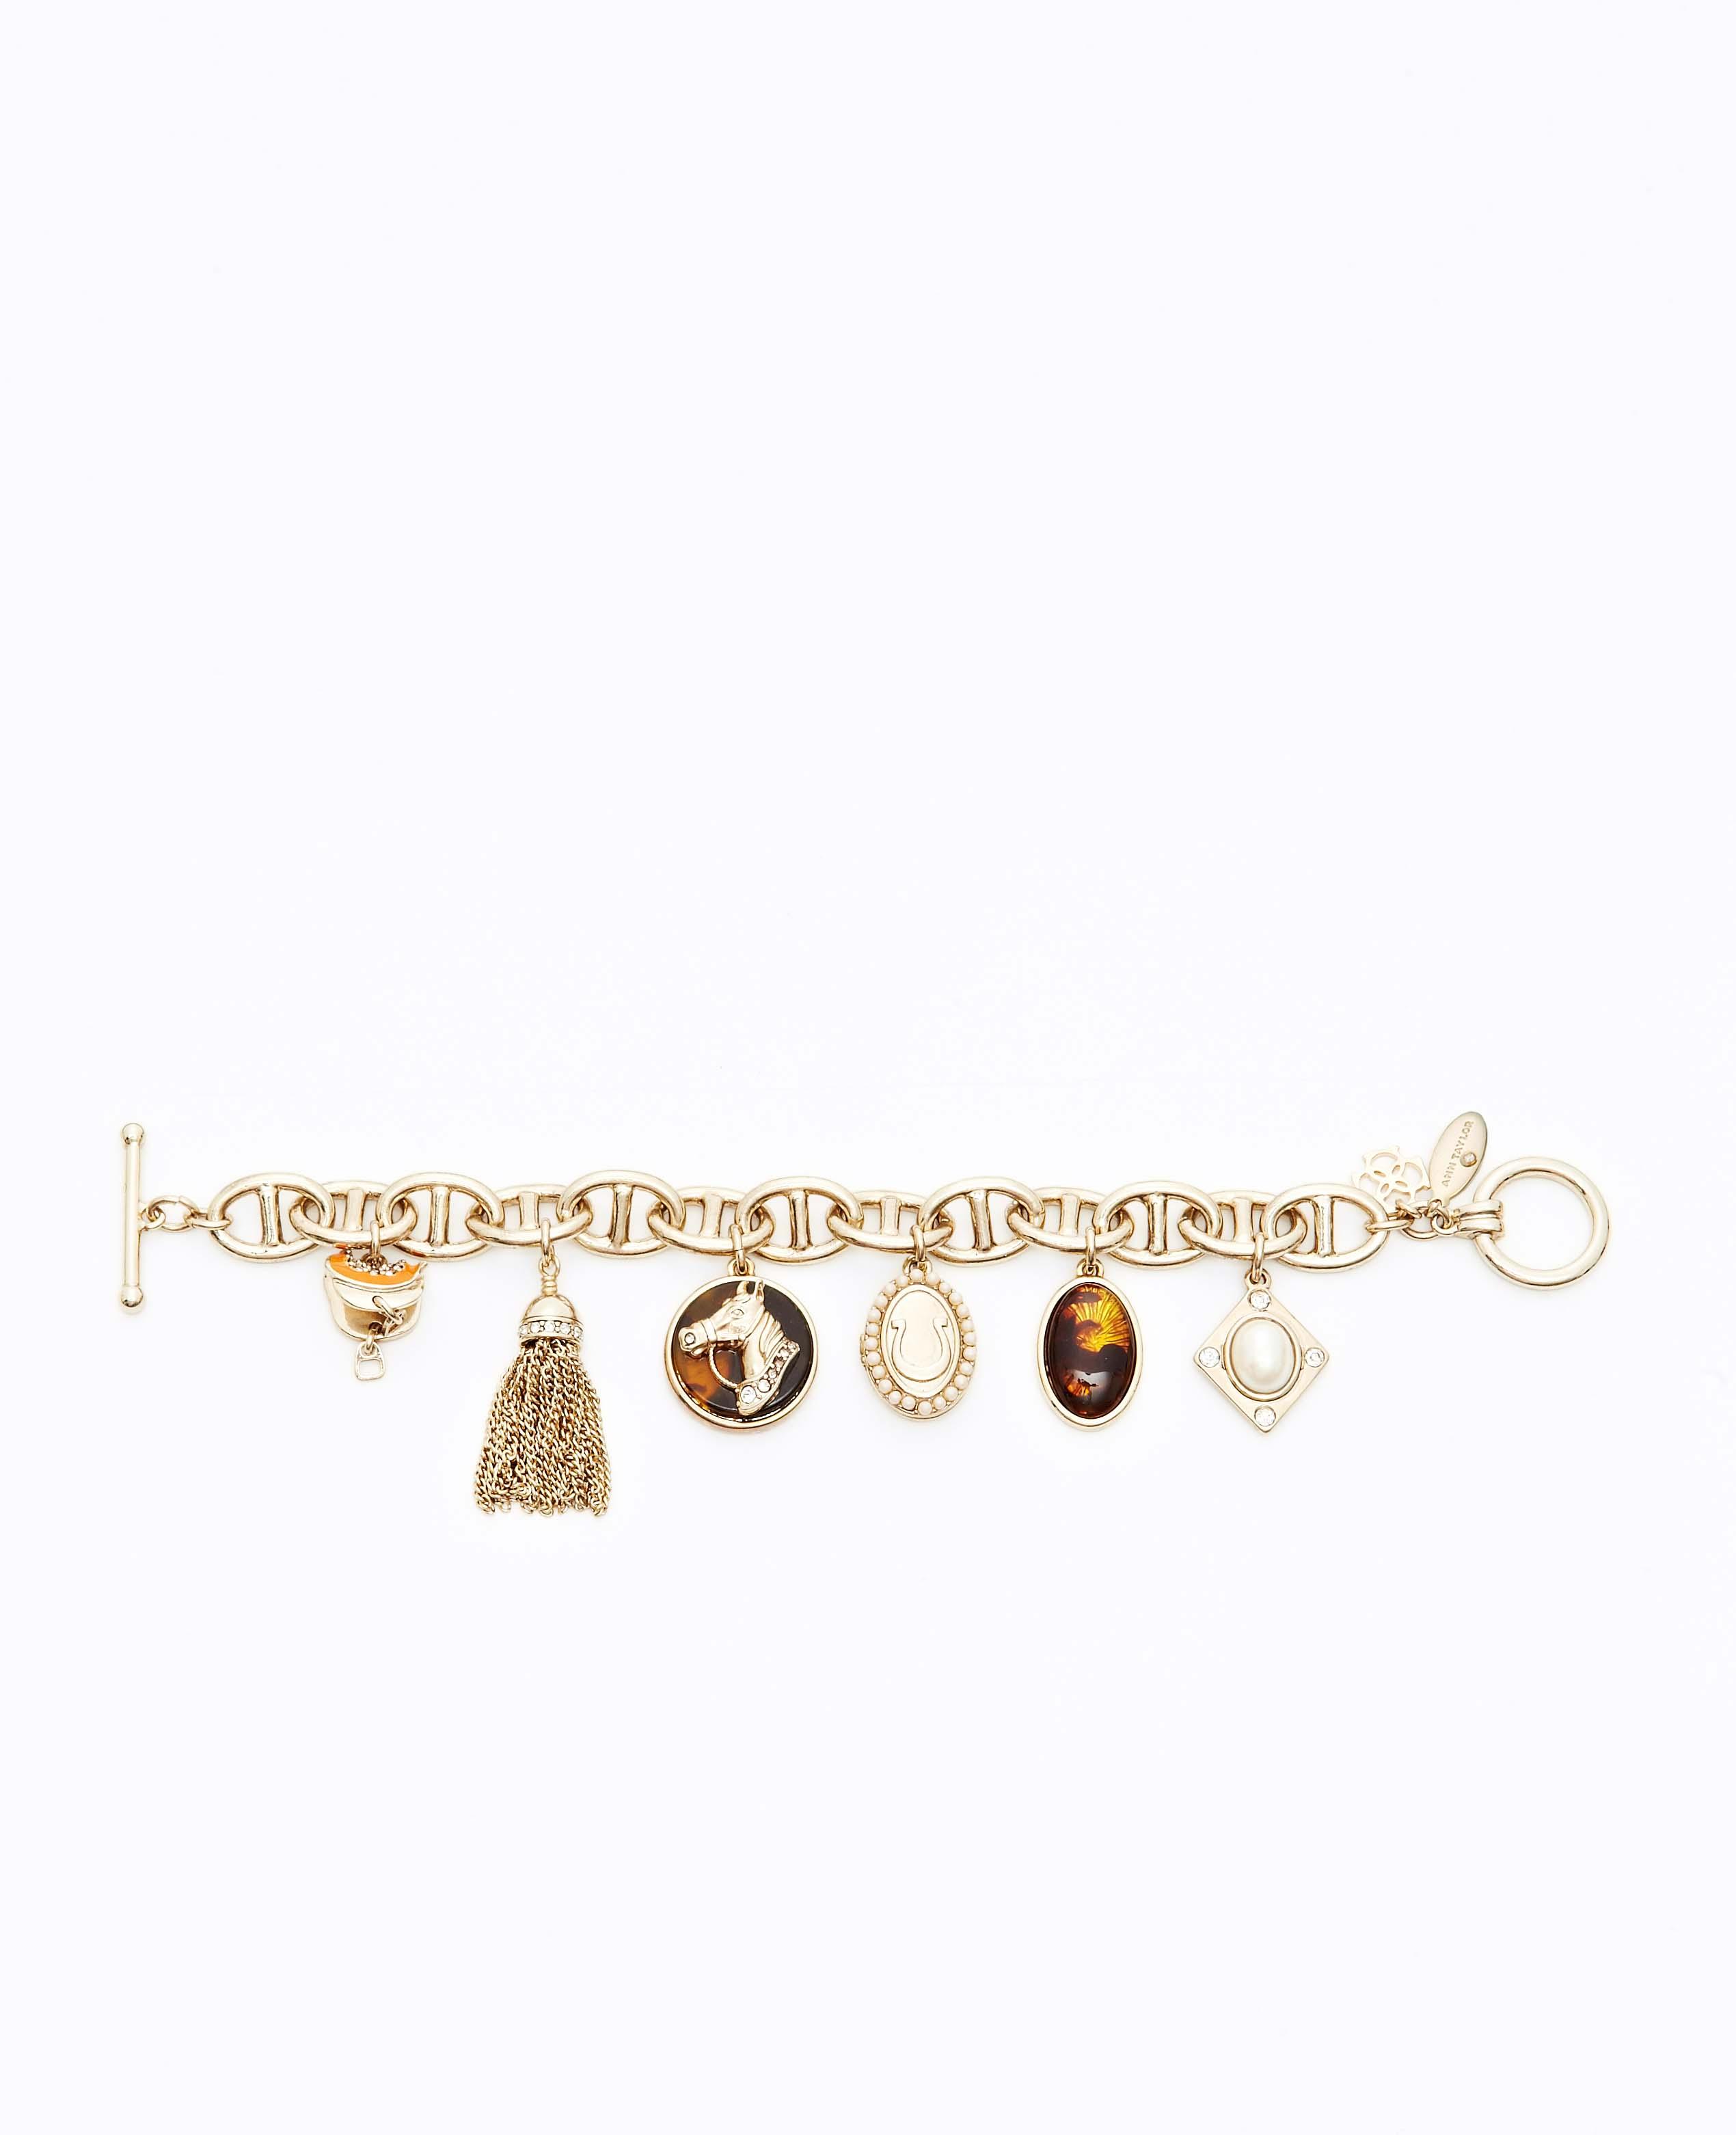 equestrian charm bracelet jewelry flatheadlake3on3